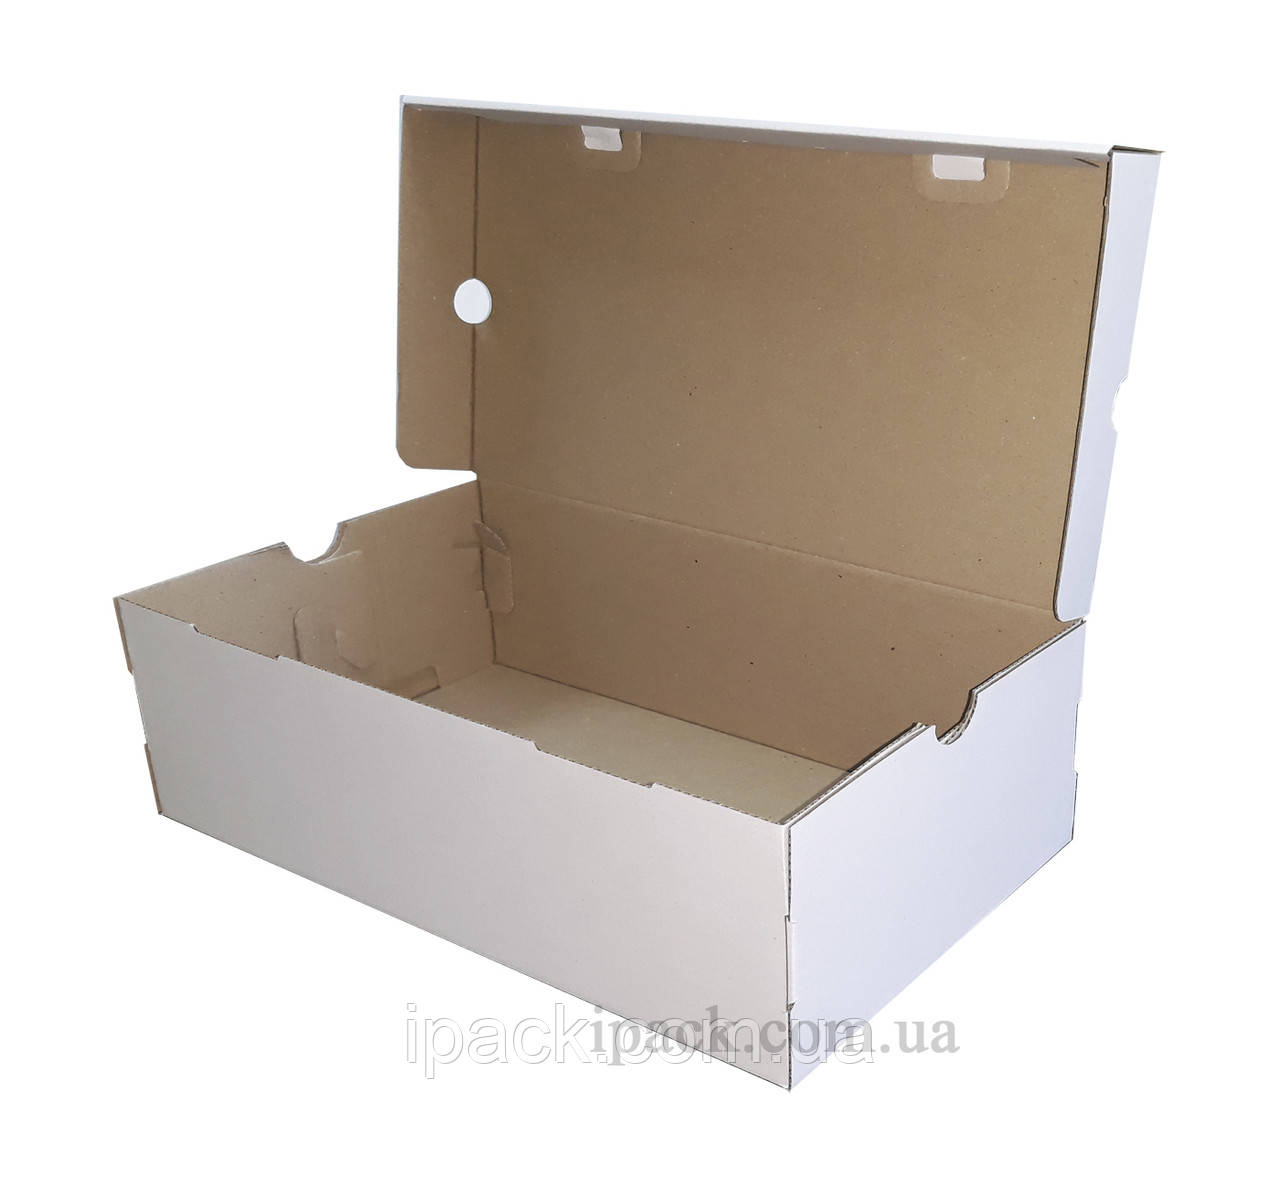 Коробка для обуви, белая, 330*250*170 мм, микрогофрокартон, обувная коробка